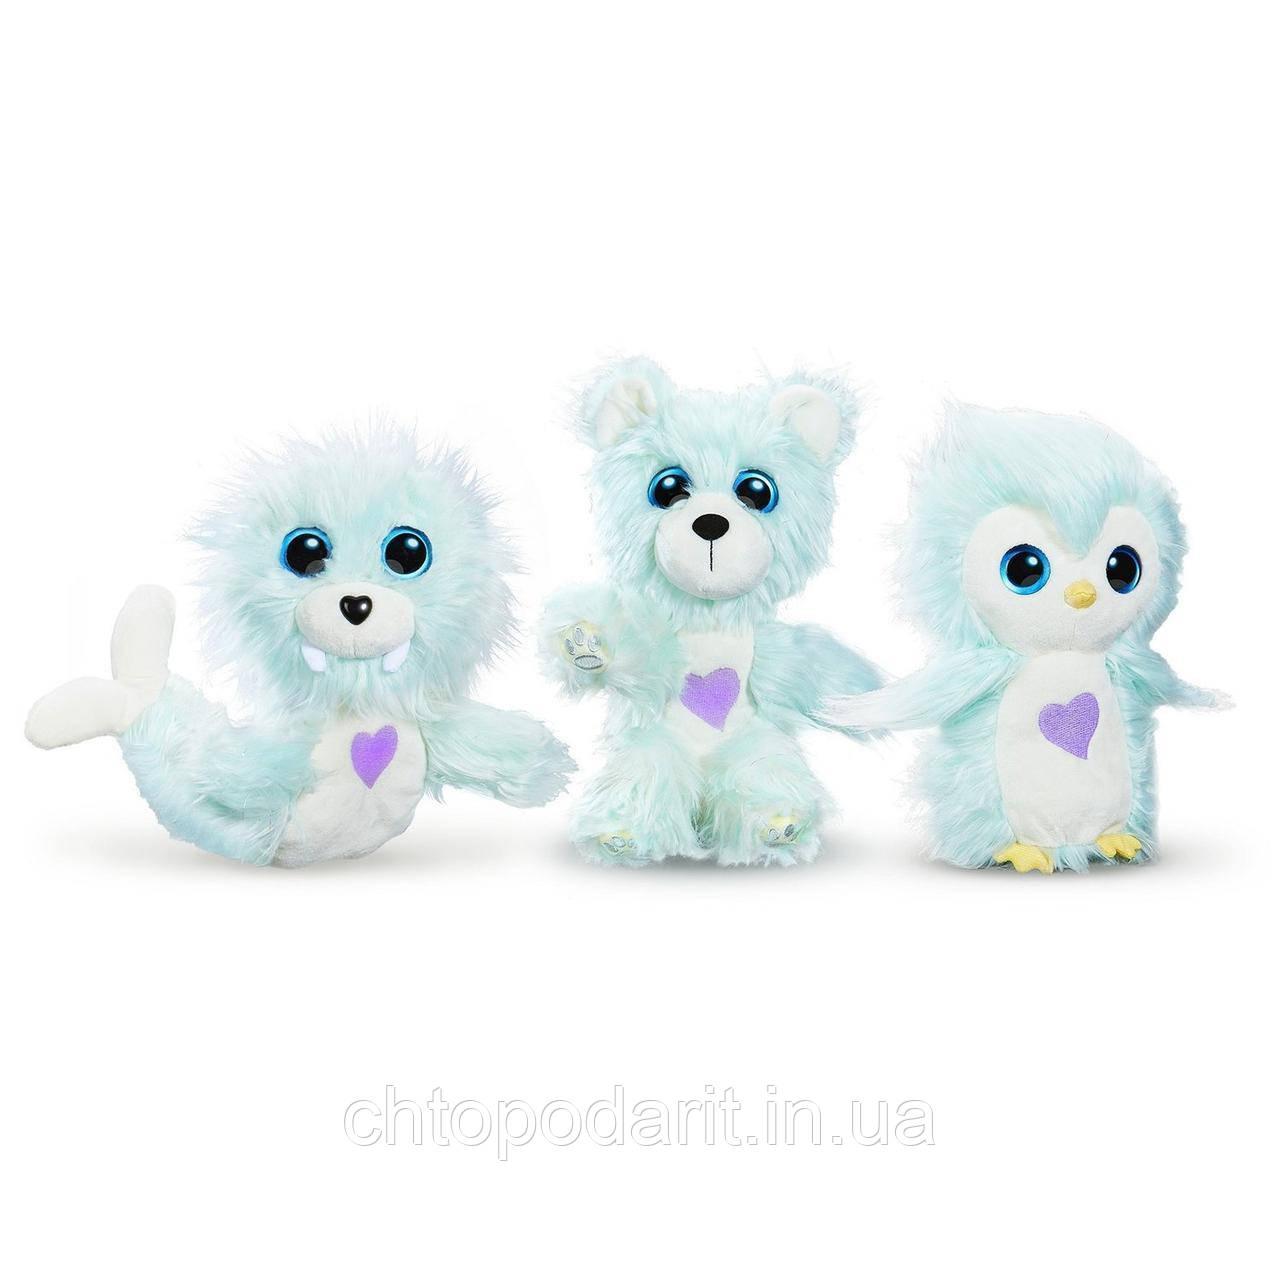 Пушистик потеряшка «Снежные друзья» игрушка сюрприз Scruff A Luvs Snow Pals Код 12-2332